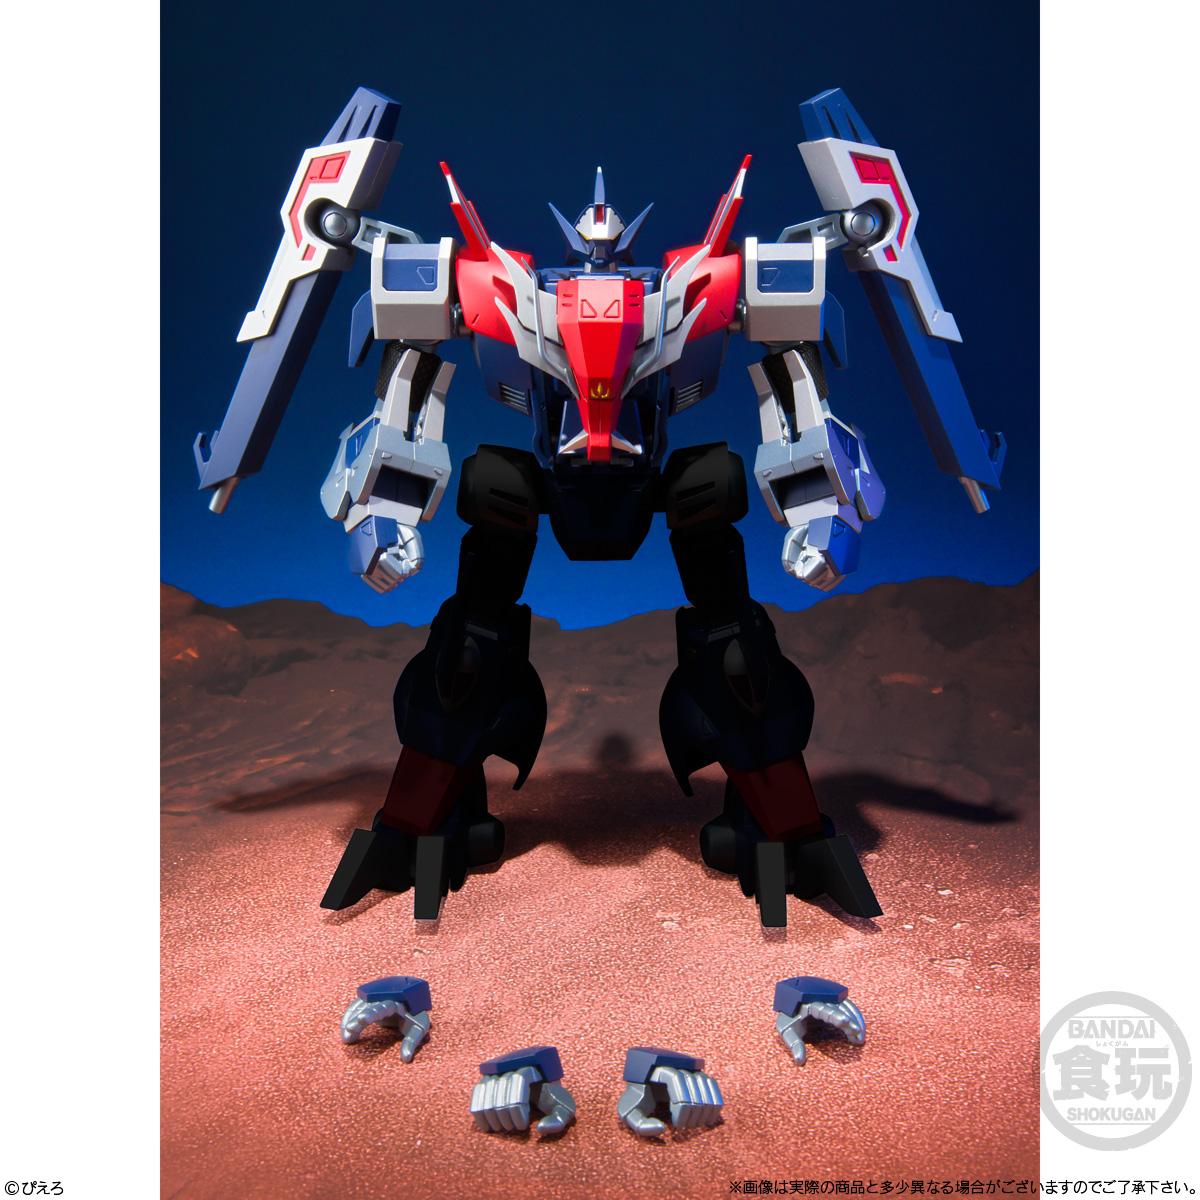 【食玩】スーパーミニプラ『忍者戦士 飛影Vol.3』3個入りBOX-009